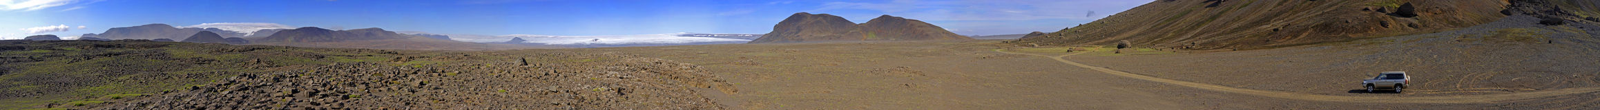 hiodufell τοπίο ηφαιστειακό στοκ εικόνα